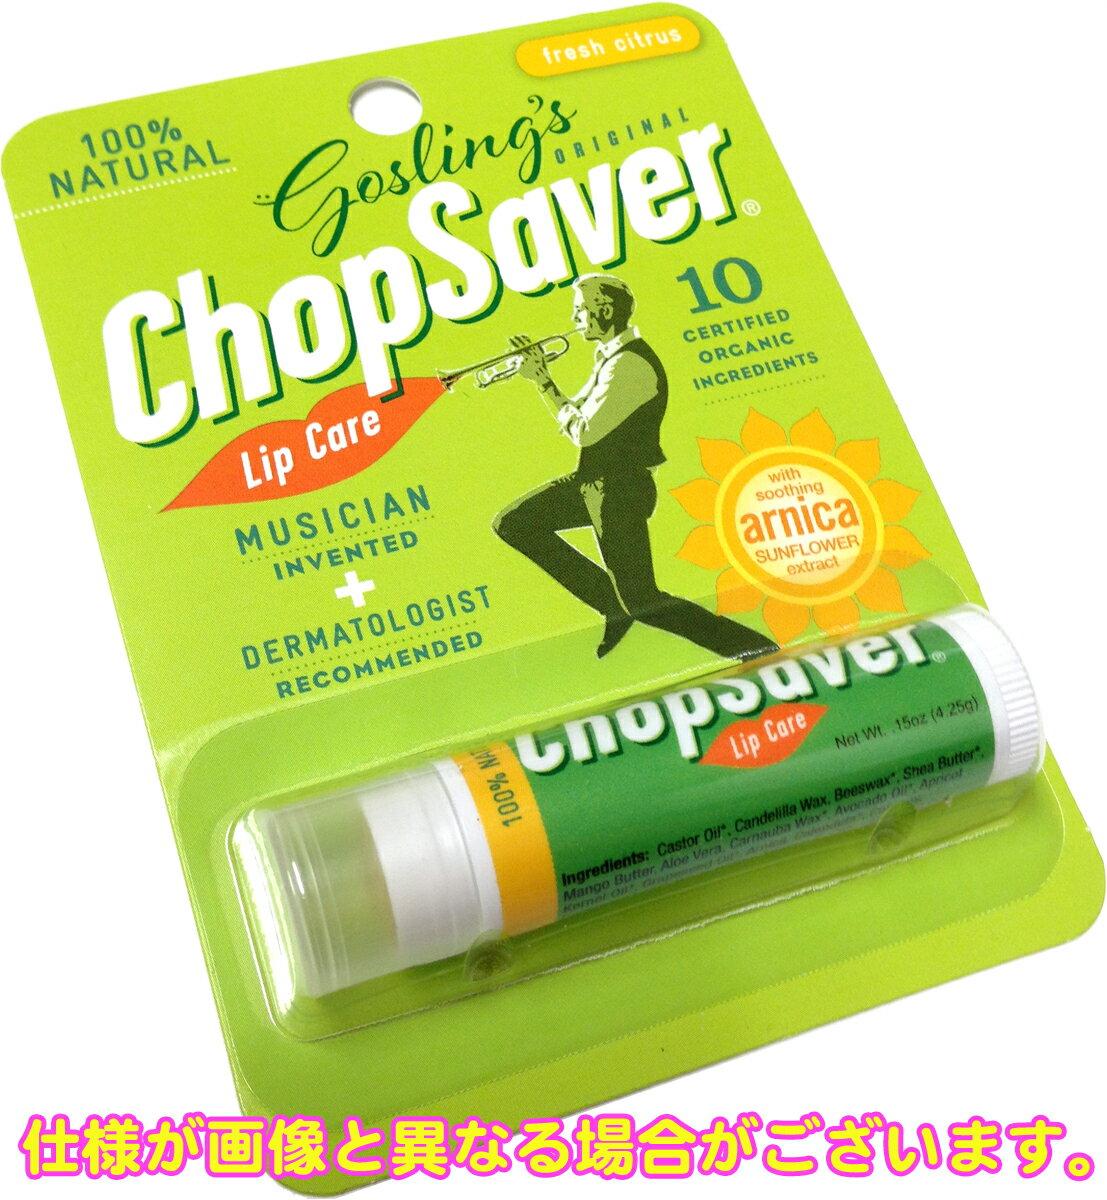 [ メール便 のみ 送料無料 ] チョップセイバー オリジナル グリーン リップクリーム 唇用 保護 トリートメント 管楽器 プレーヤー マウスピース 滑りにくい リップスティックタイプ